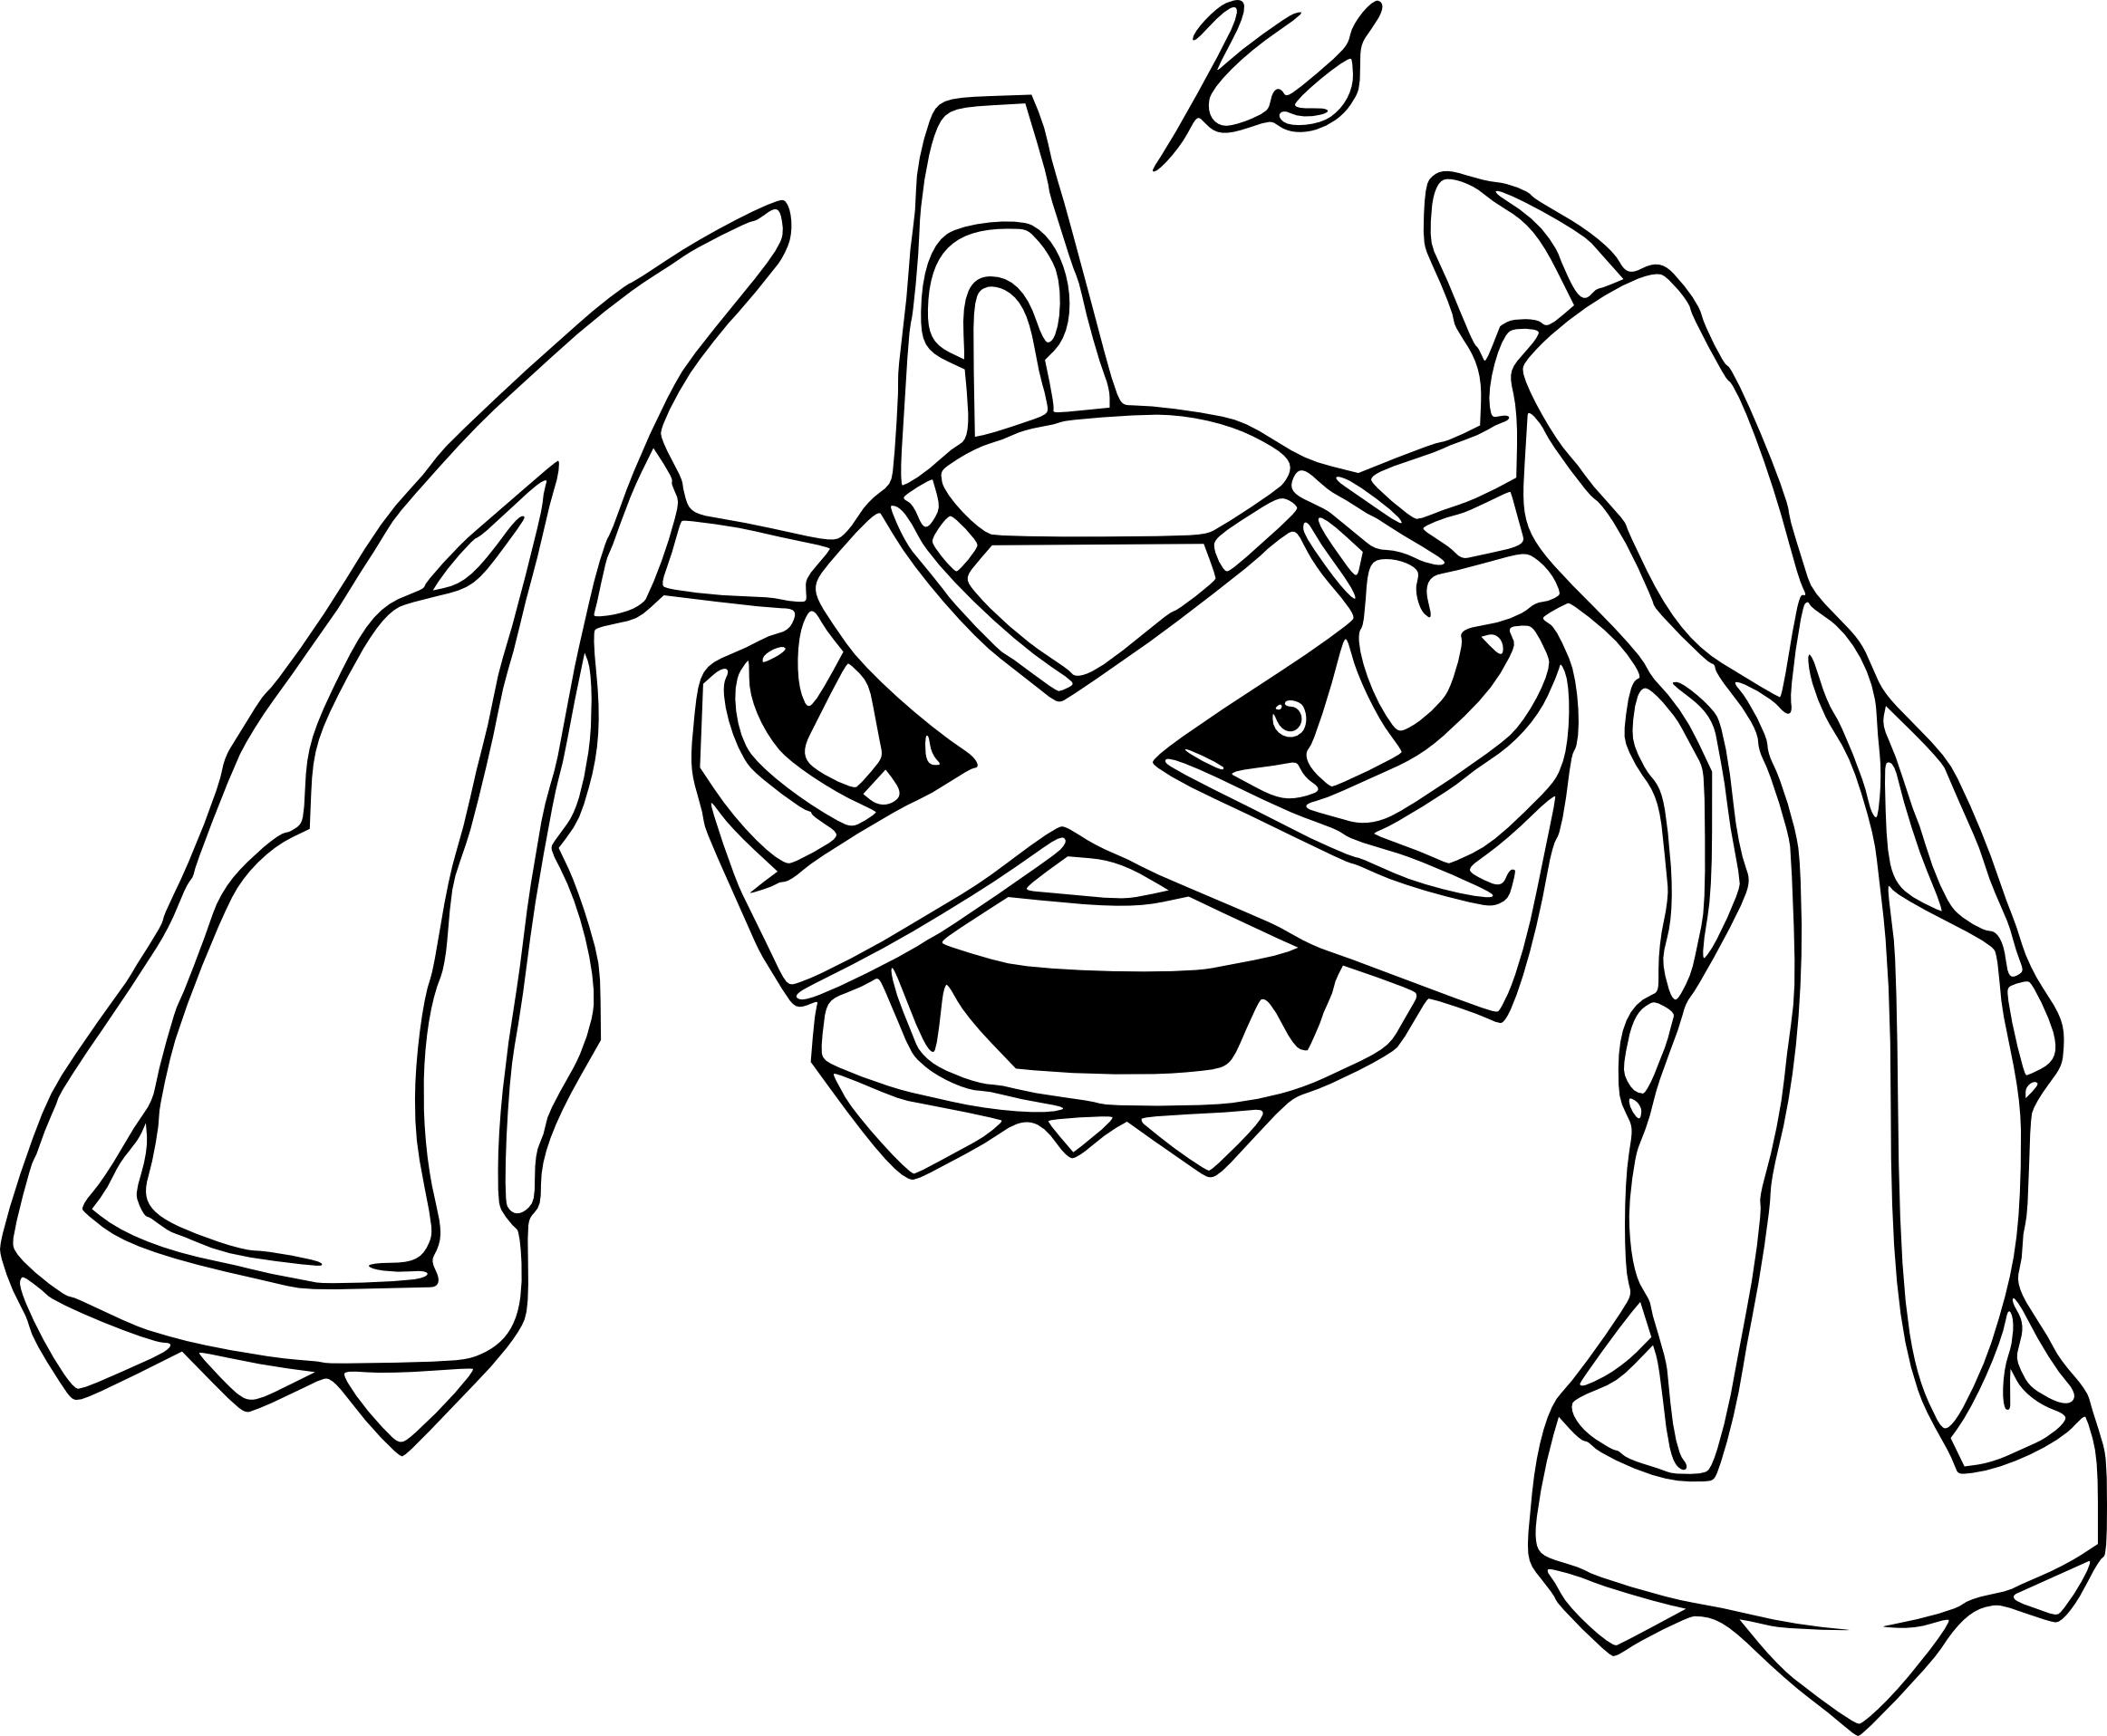 Coloriage Métalosse Pokemon à imprimer